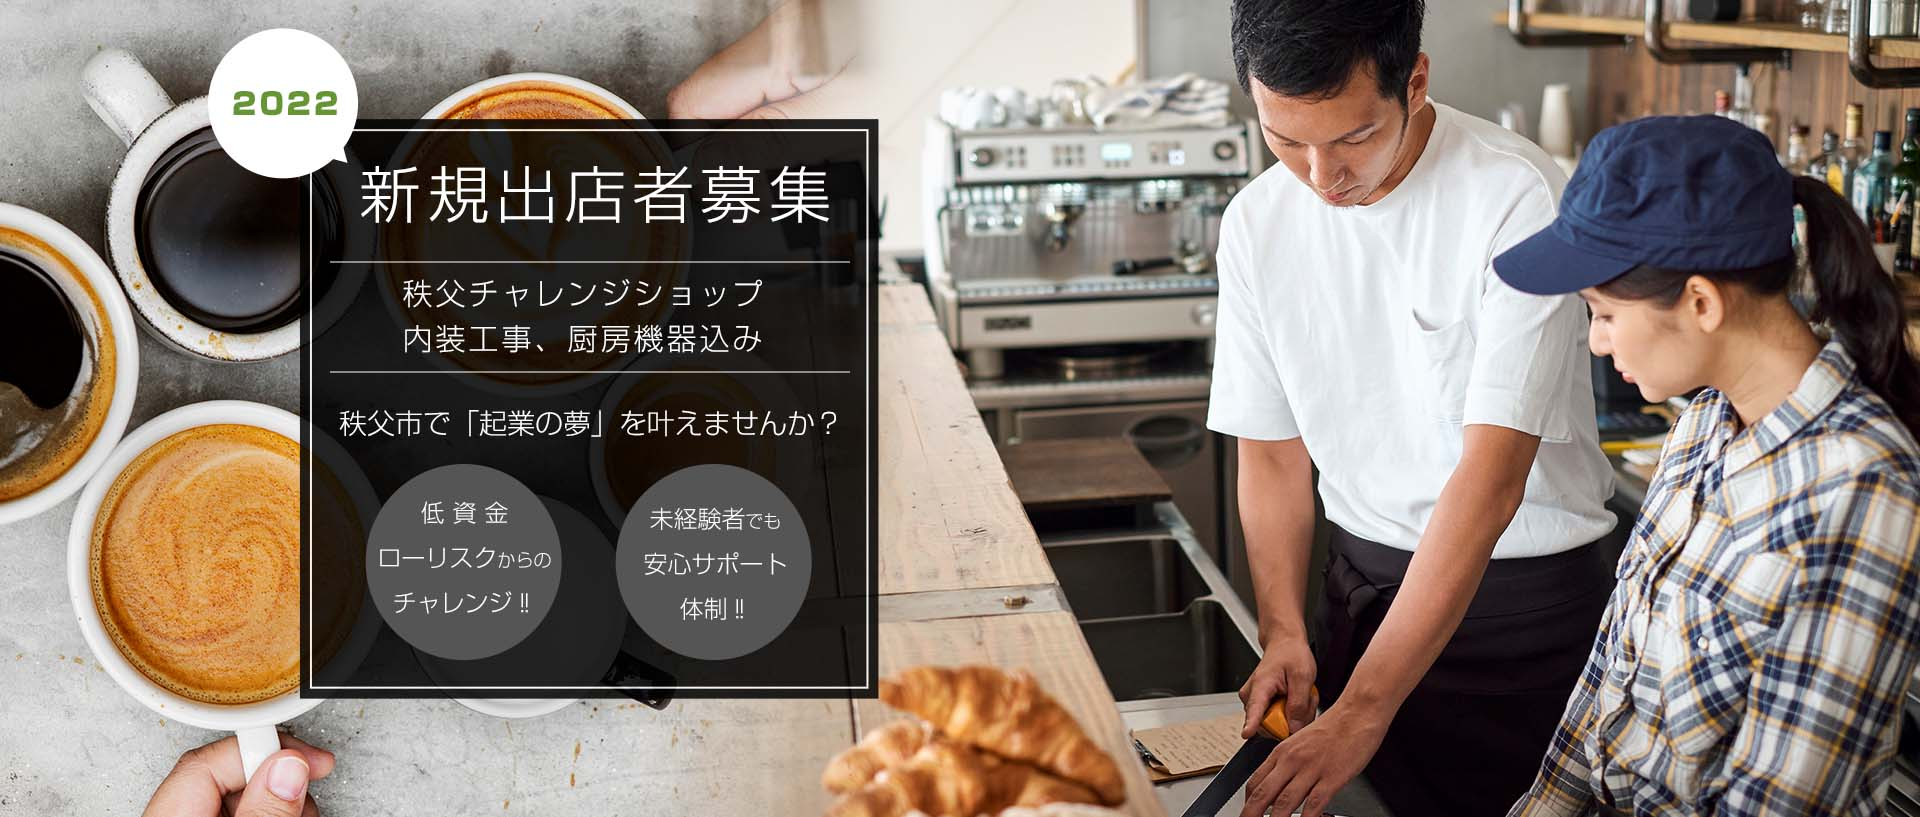 秩父市チャレンジ飲食店 秩父市起業支援プロジェクト:メインイメージ